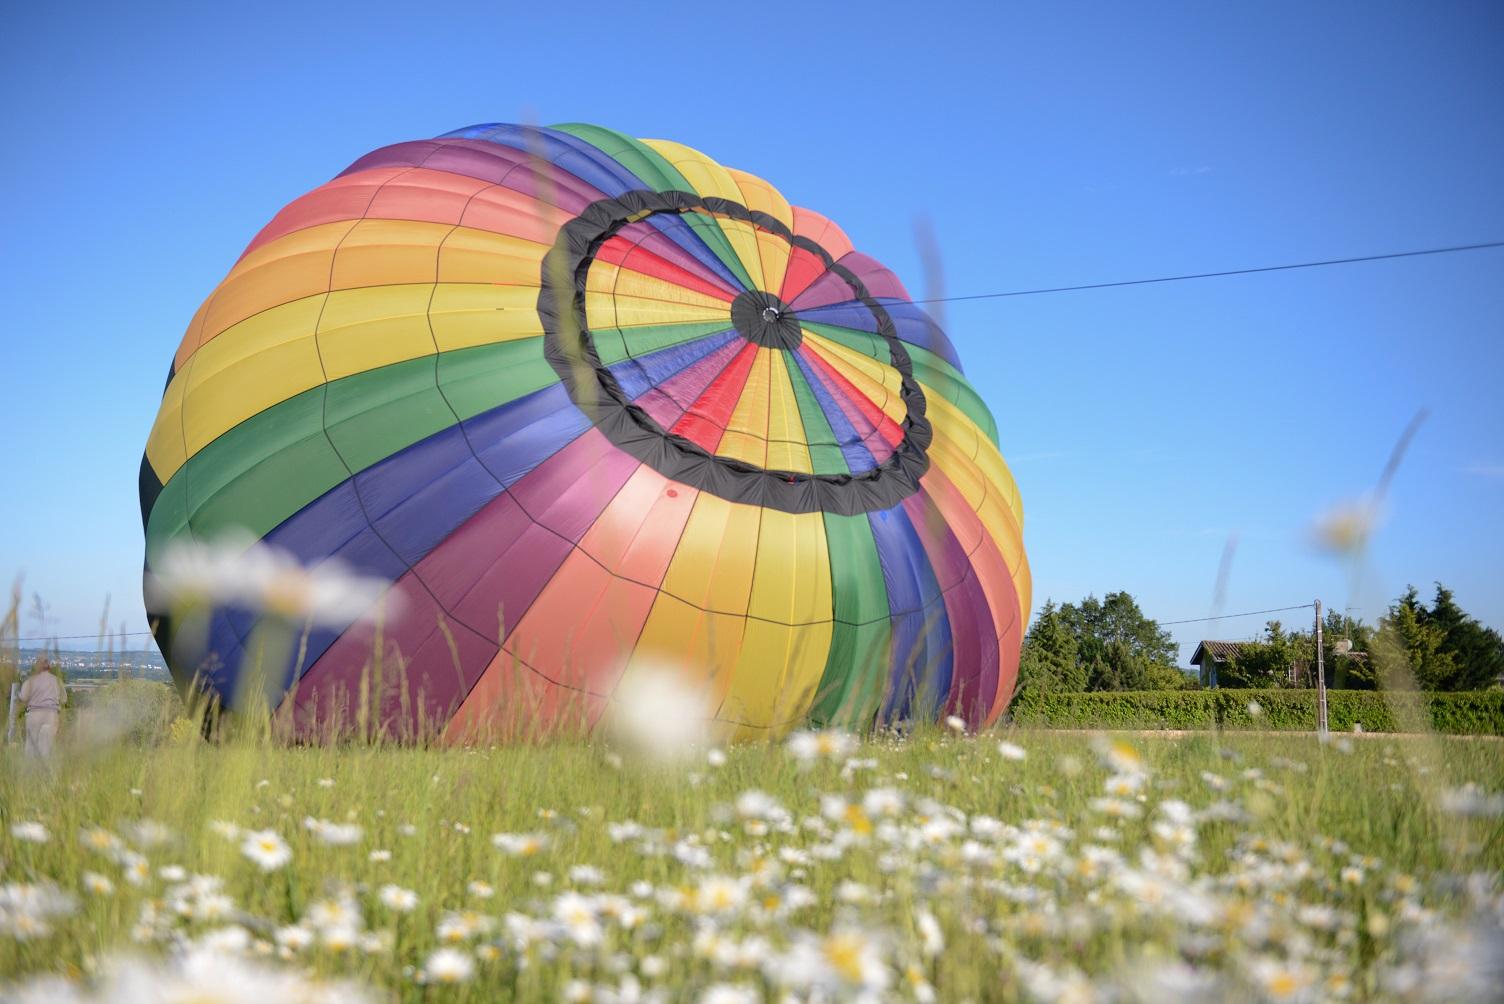 Hot-air balloon photo